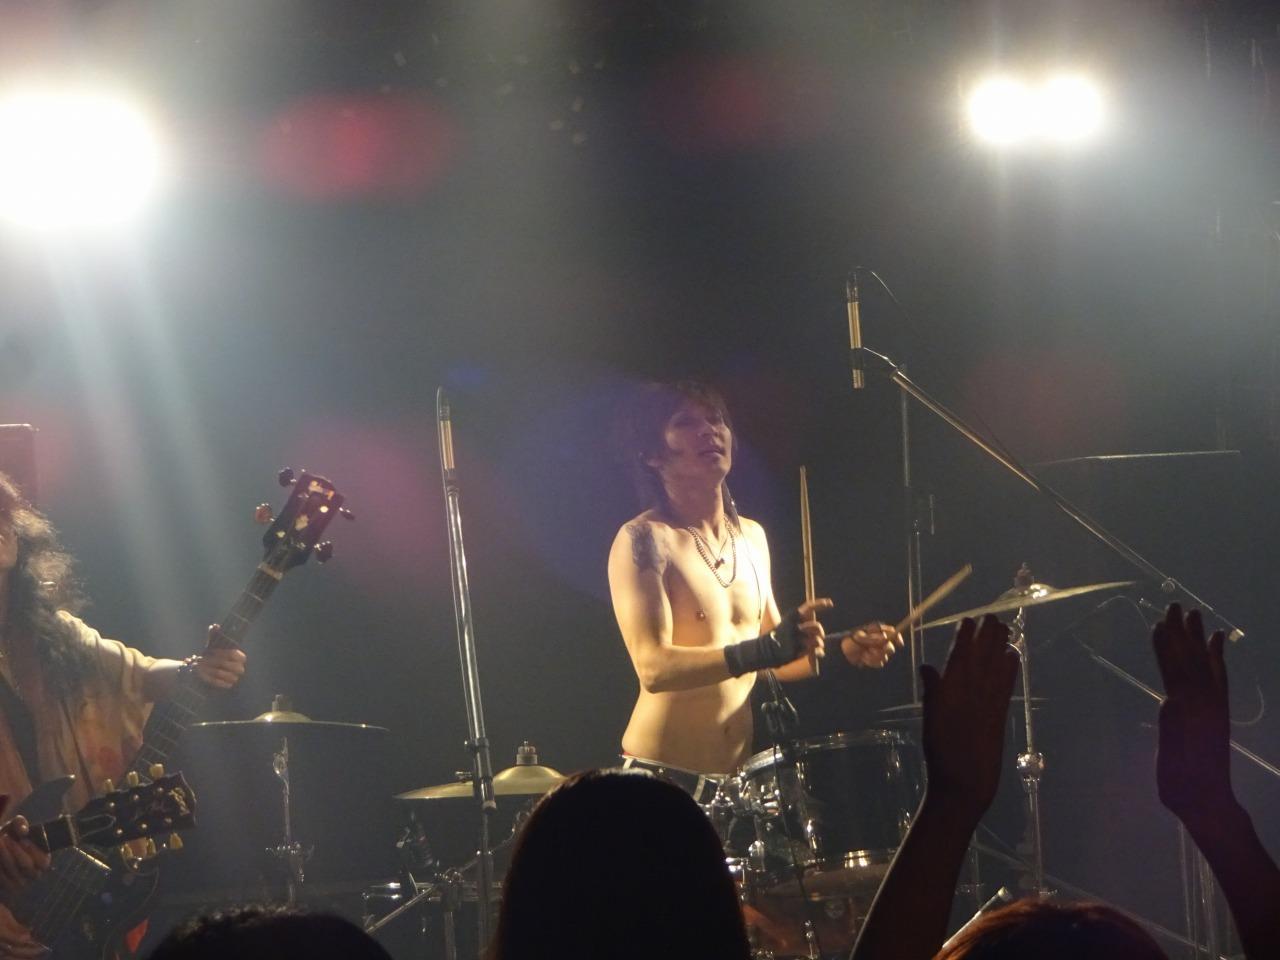 先輩TOMO氏のライブを観に行く!西川口ハーツ!_d0061678_16583527.jpg